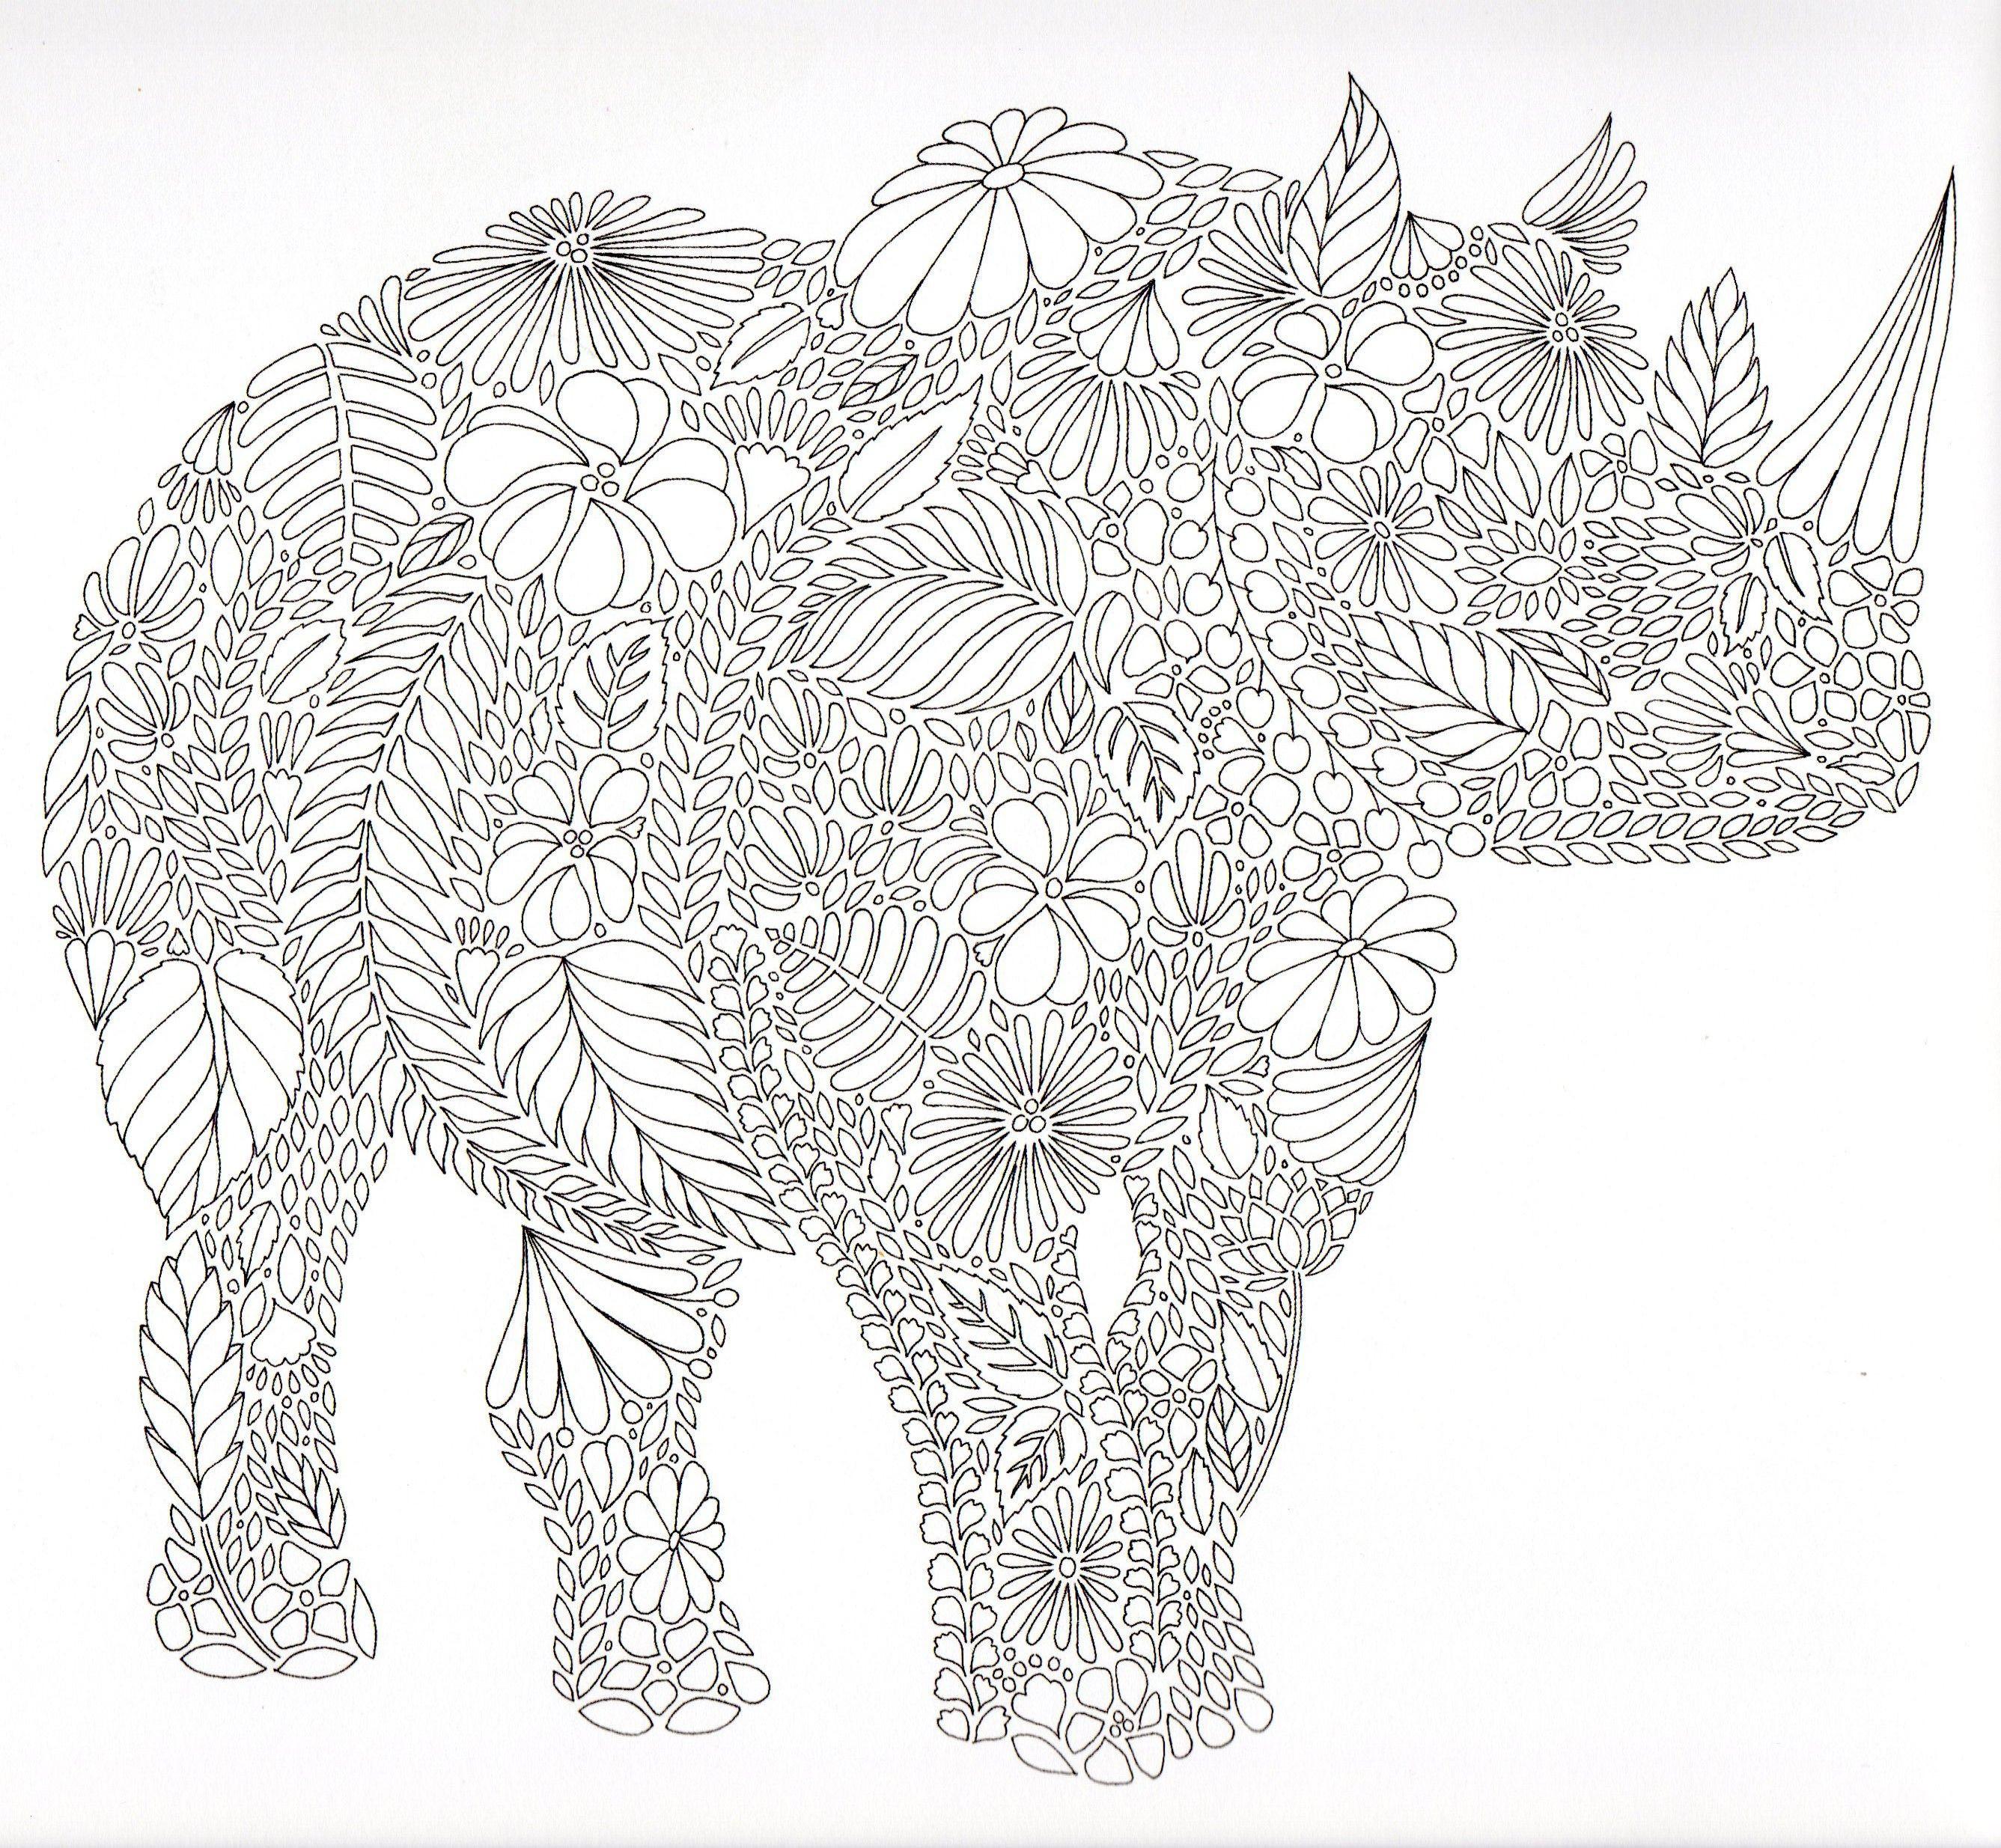 Pflanzen Gegen Zombies Ausmalbilder Genial Mandala Nashorn Vorlage Pinterest Schön Malvorlagen Muster Stock